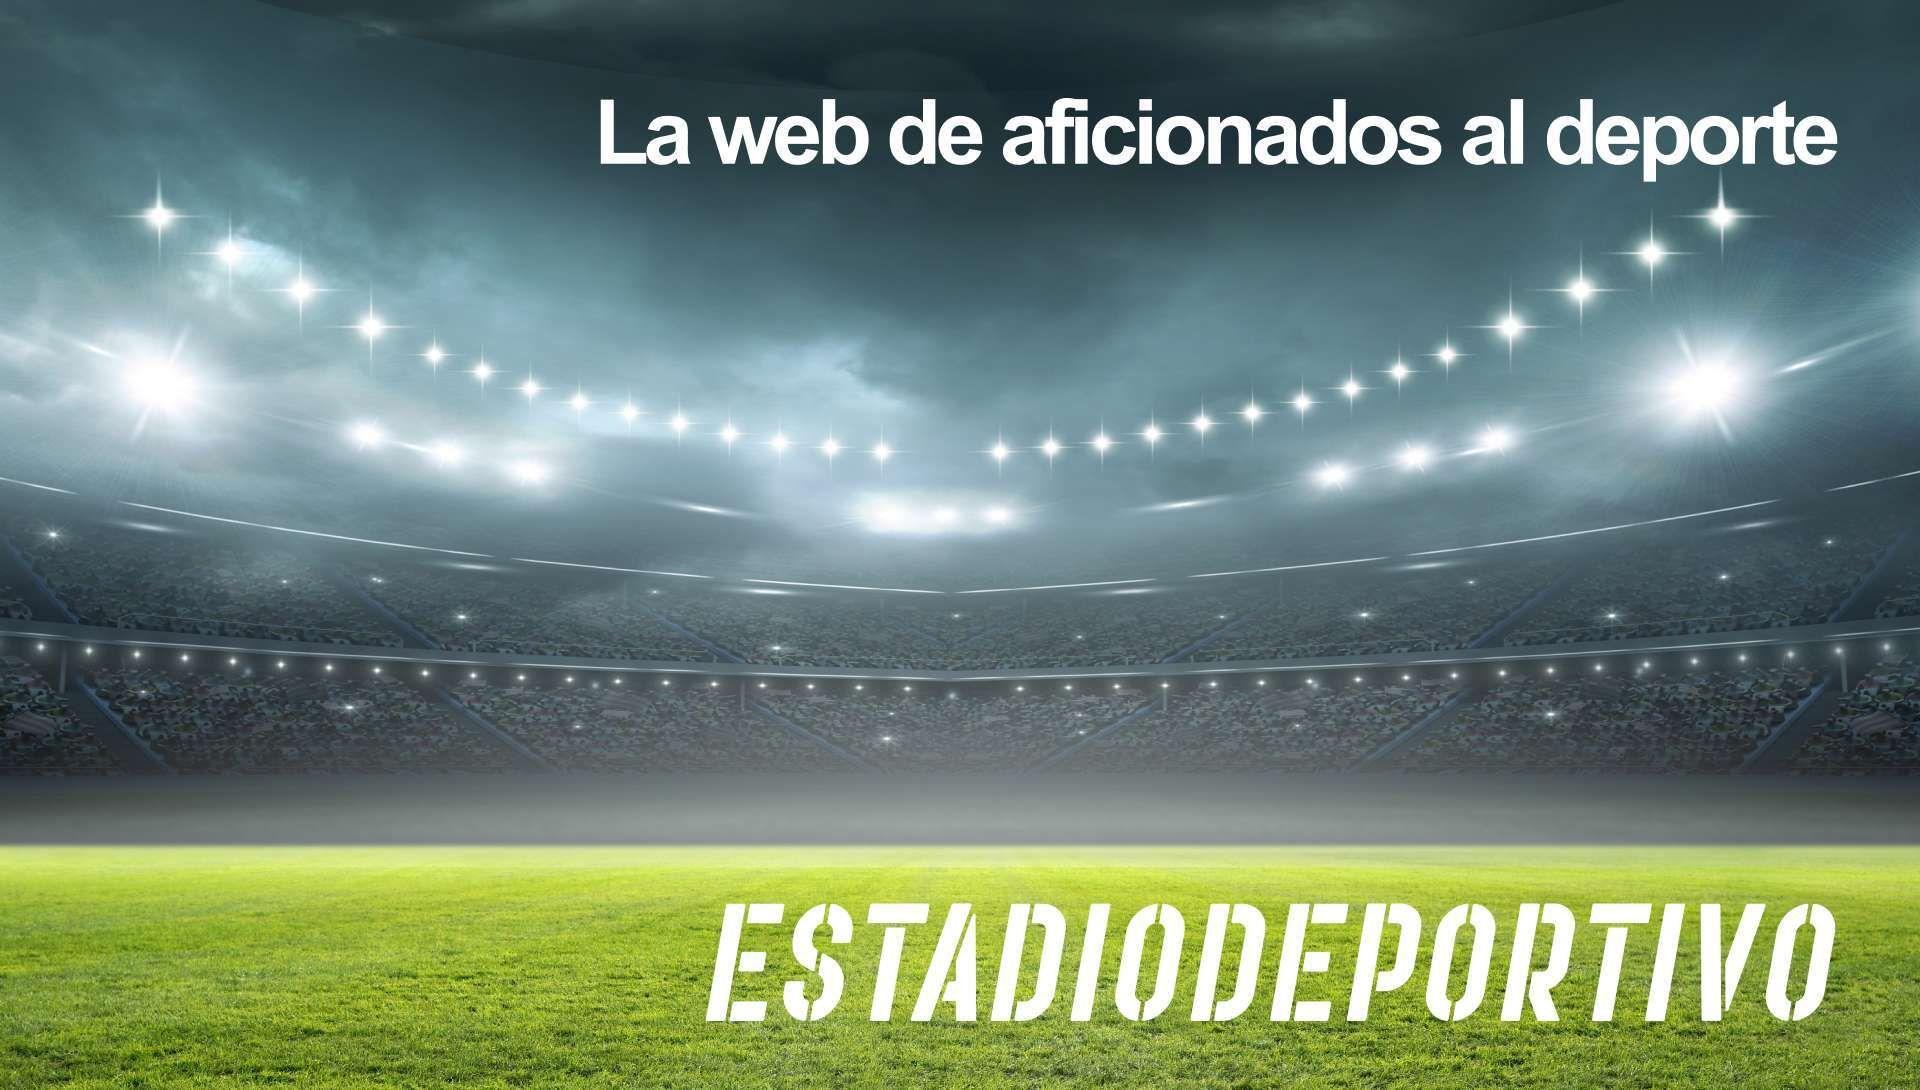 Internacionales del Sevilla FC con España